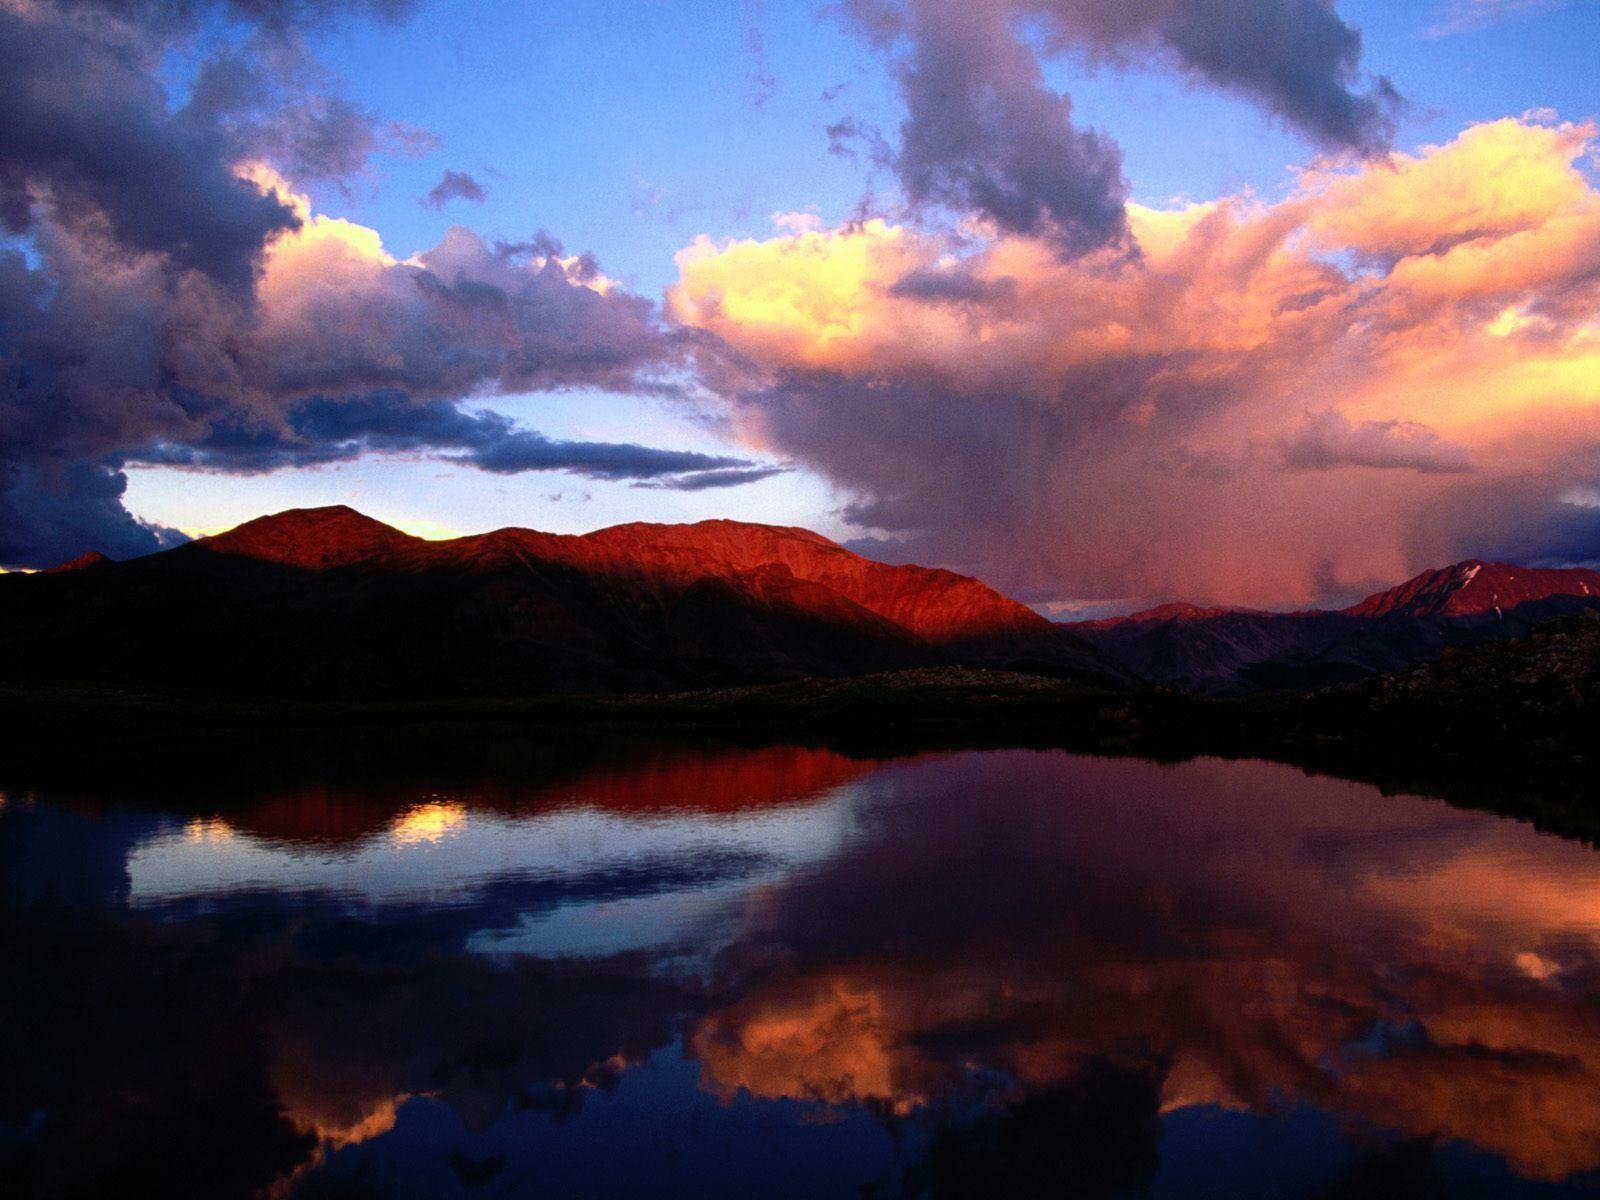 http://www.bartcop.com/Mount-Elbert-Colorado.jpg